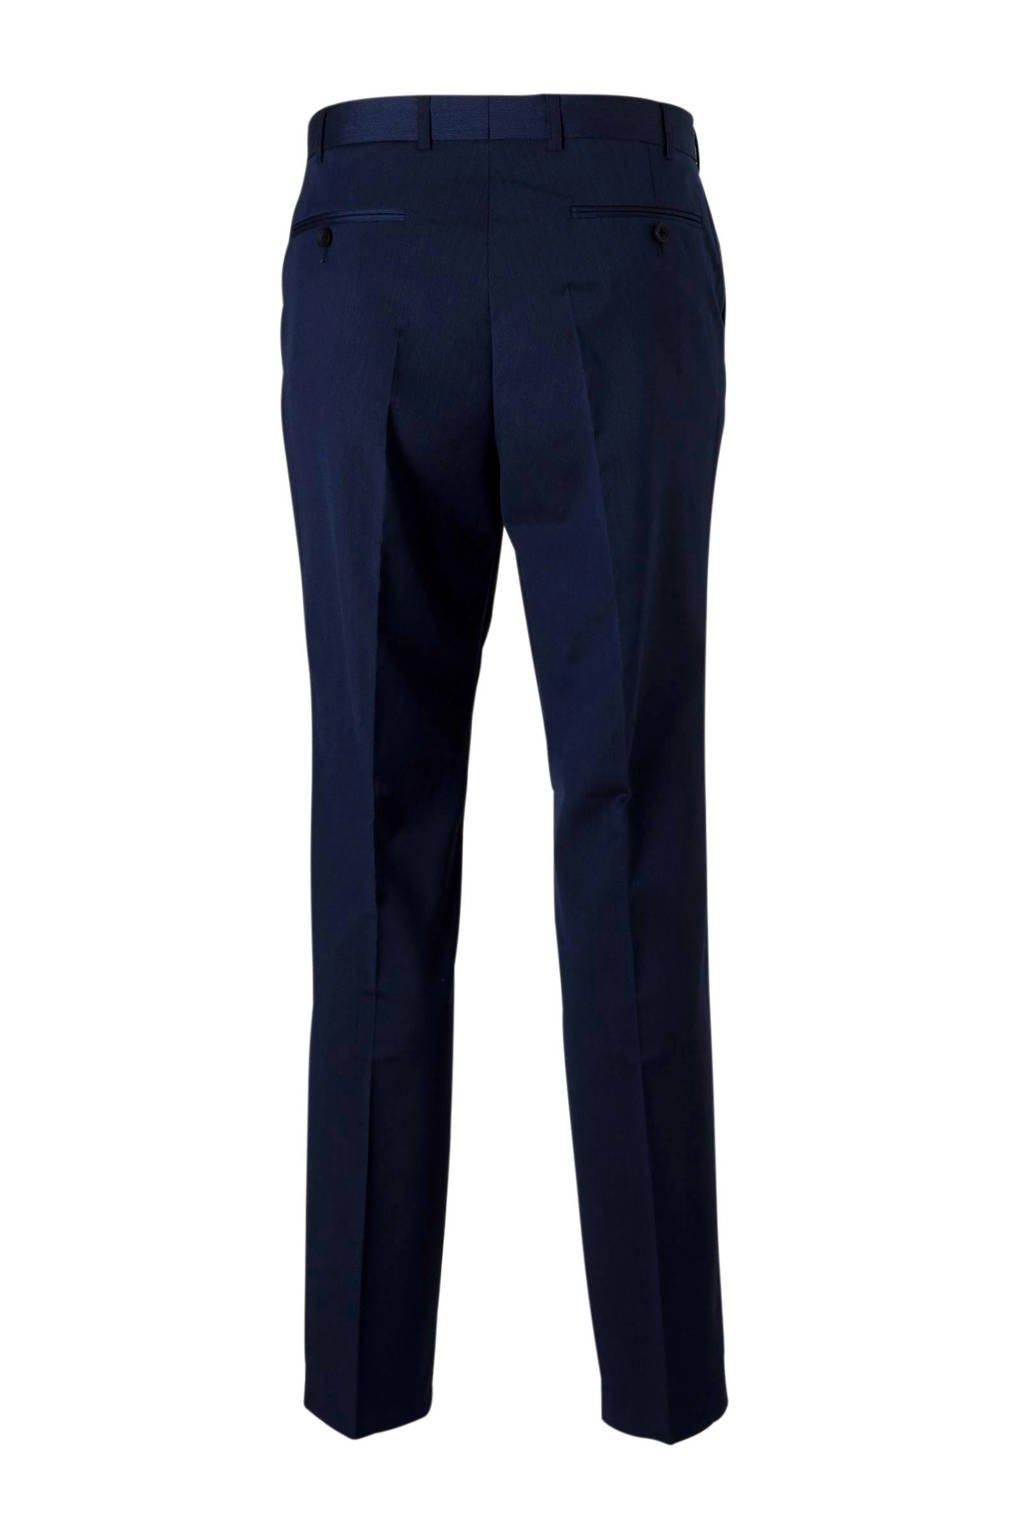 Litrico Fit Slim C amp;aangelo Pantalon HqZ5a56